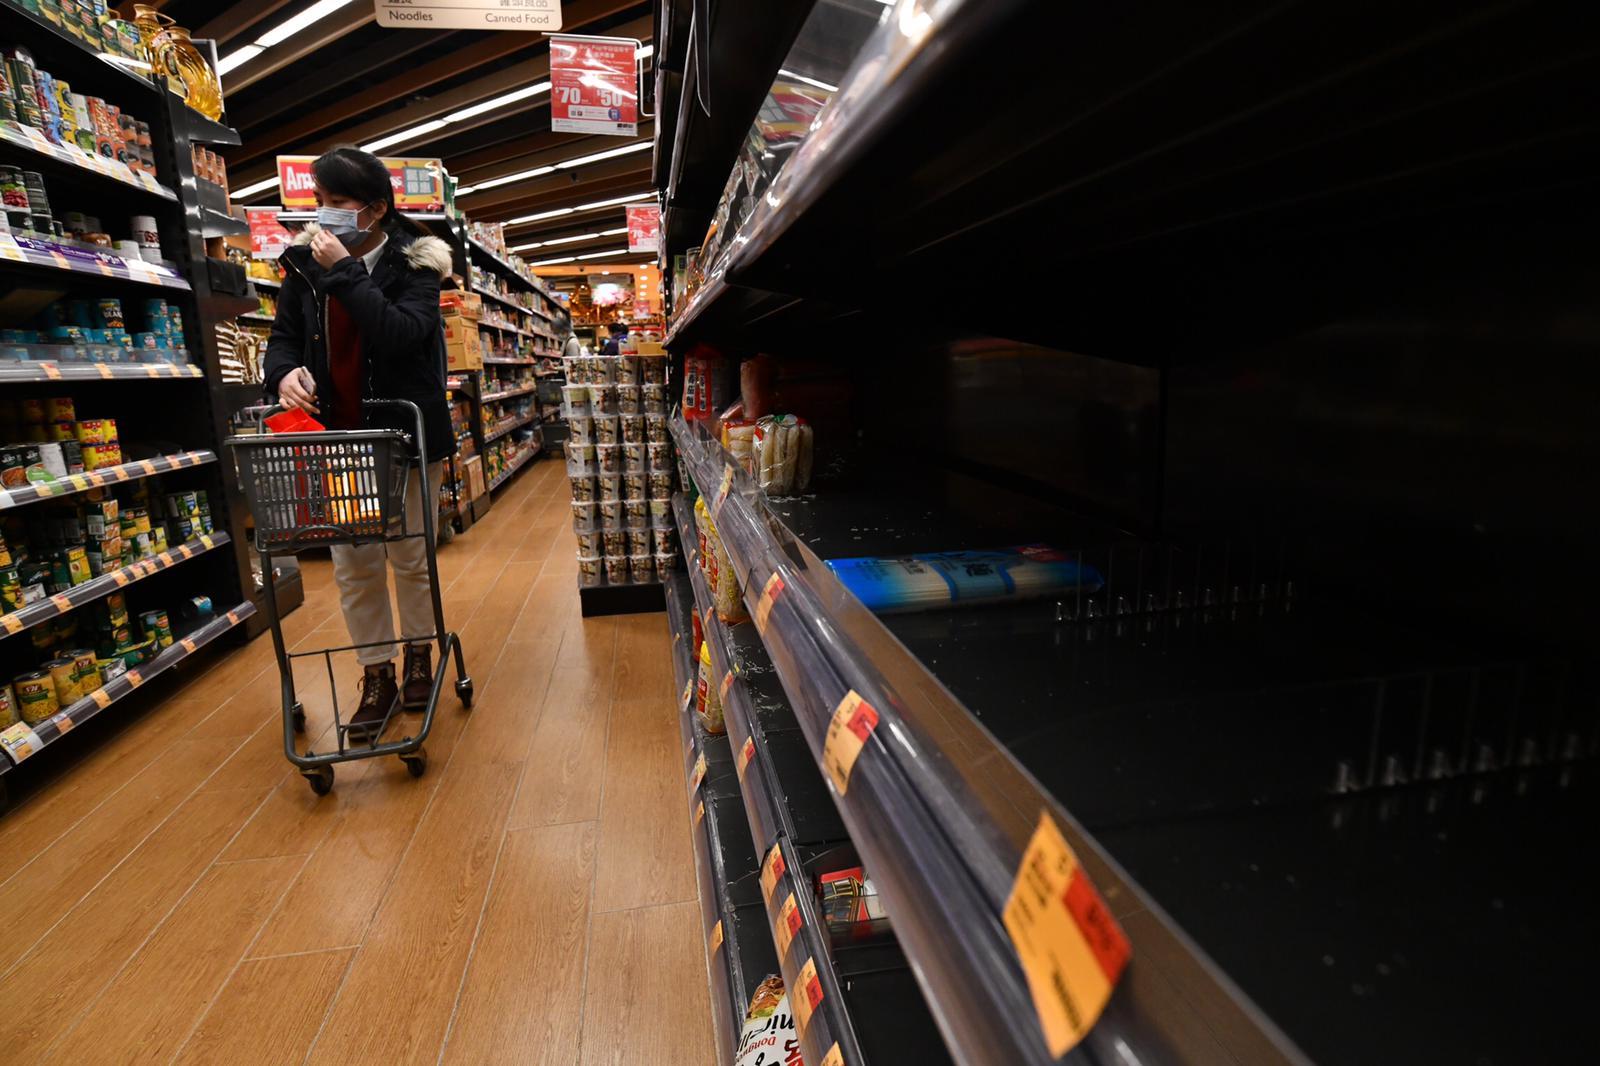 食衞局:现时食品供应正常 会盡快补充货架食品